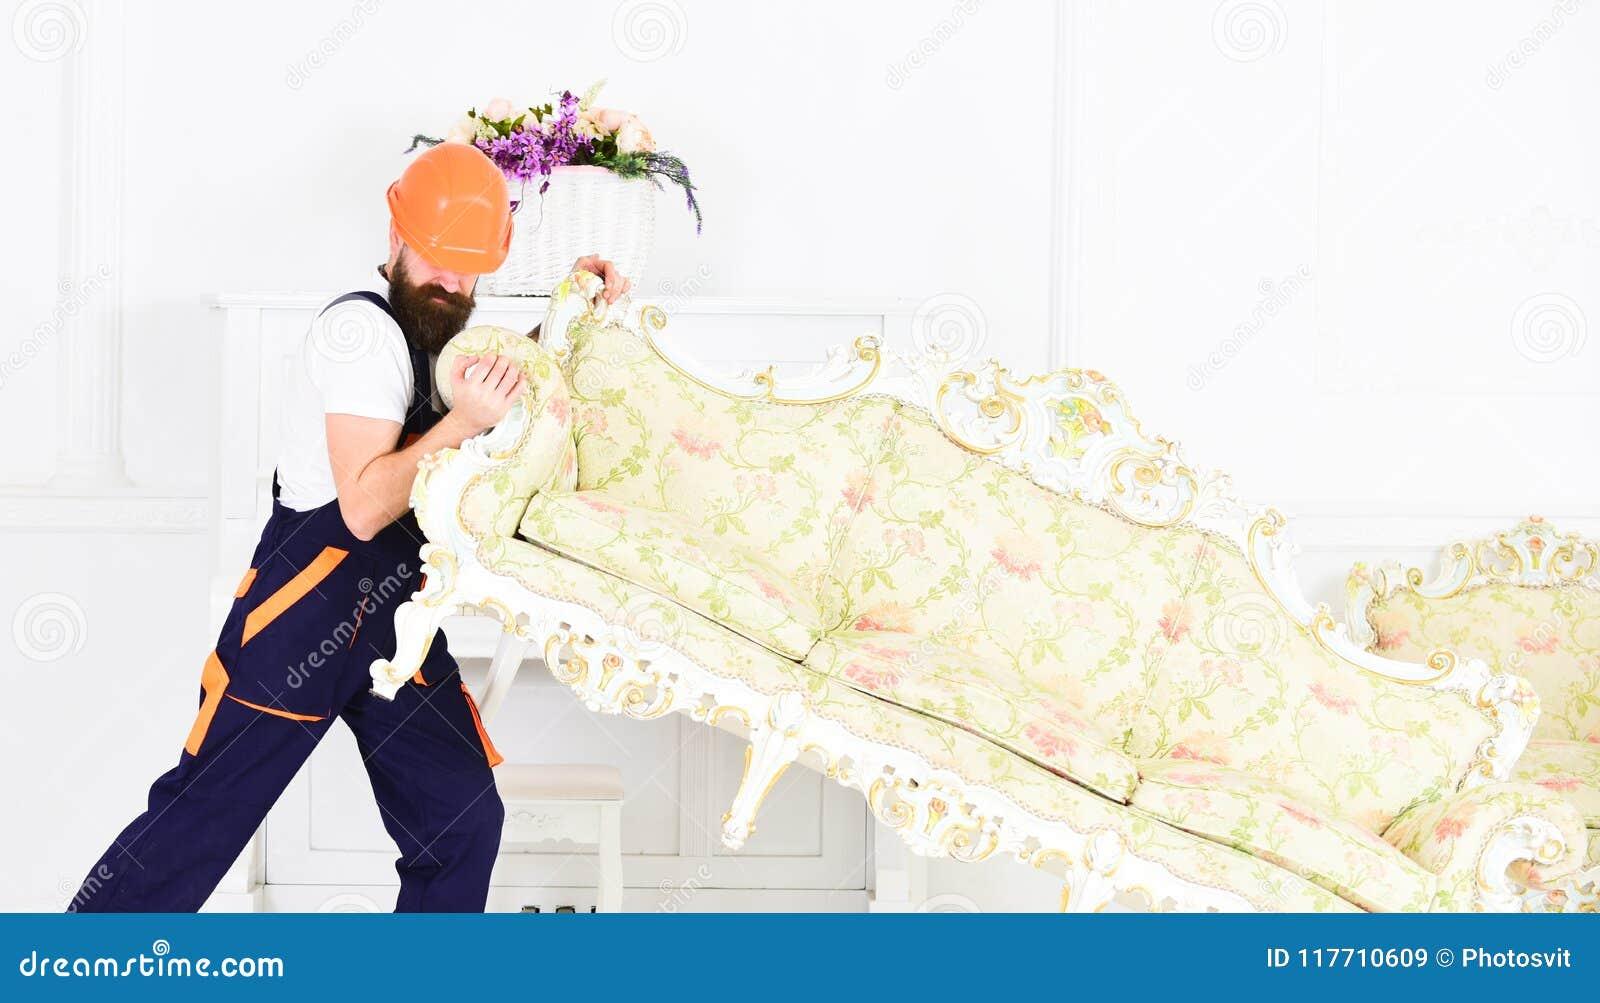 Έννοια υπηρεσιών παράδοσης Ο φορτωτής κινεί τον καναπέ, καναπές Ο αγγελιαφόρος παραδίδει τα έπιπλα σε περίπτωση κίνησης έξω, επαν